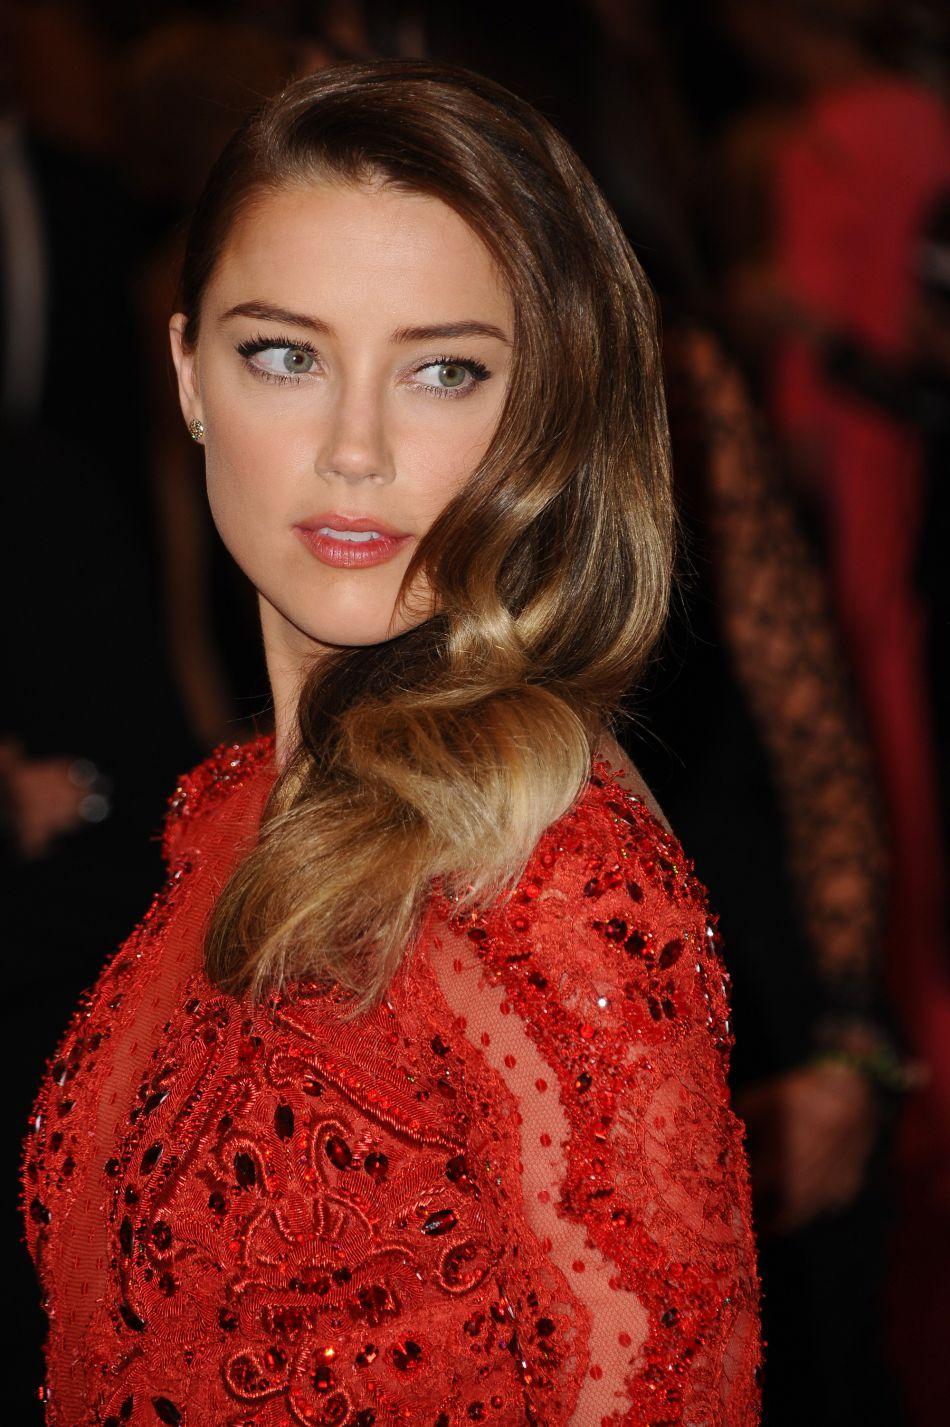 Amber Heard accuse Johnny Depp de violences conjuguales. Selon une source citée par les tabloïds, elle serait convaincue que son époux lui aurait aussi été infidèle.